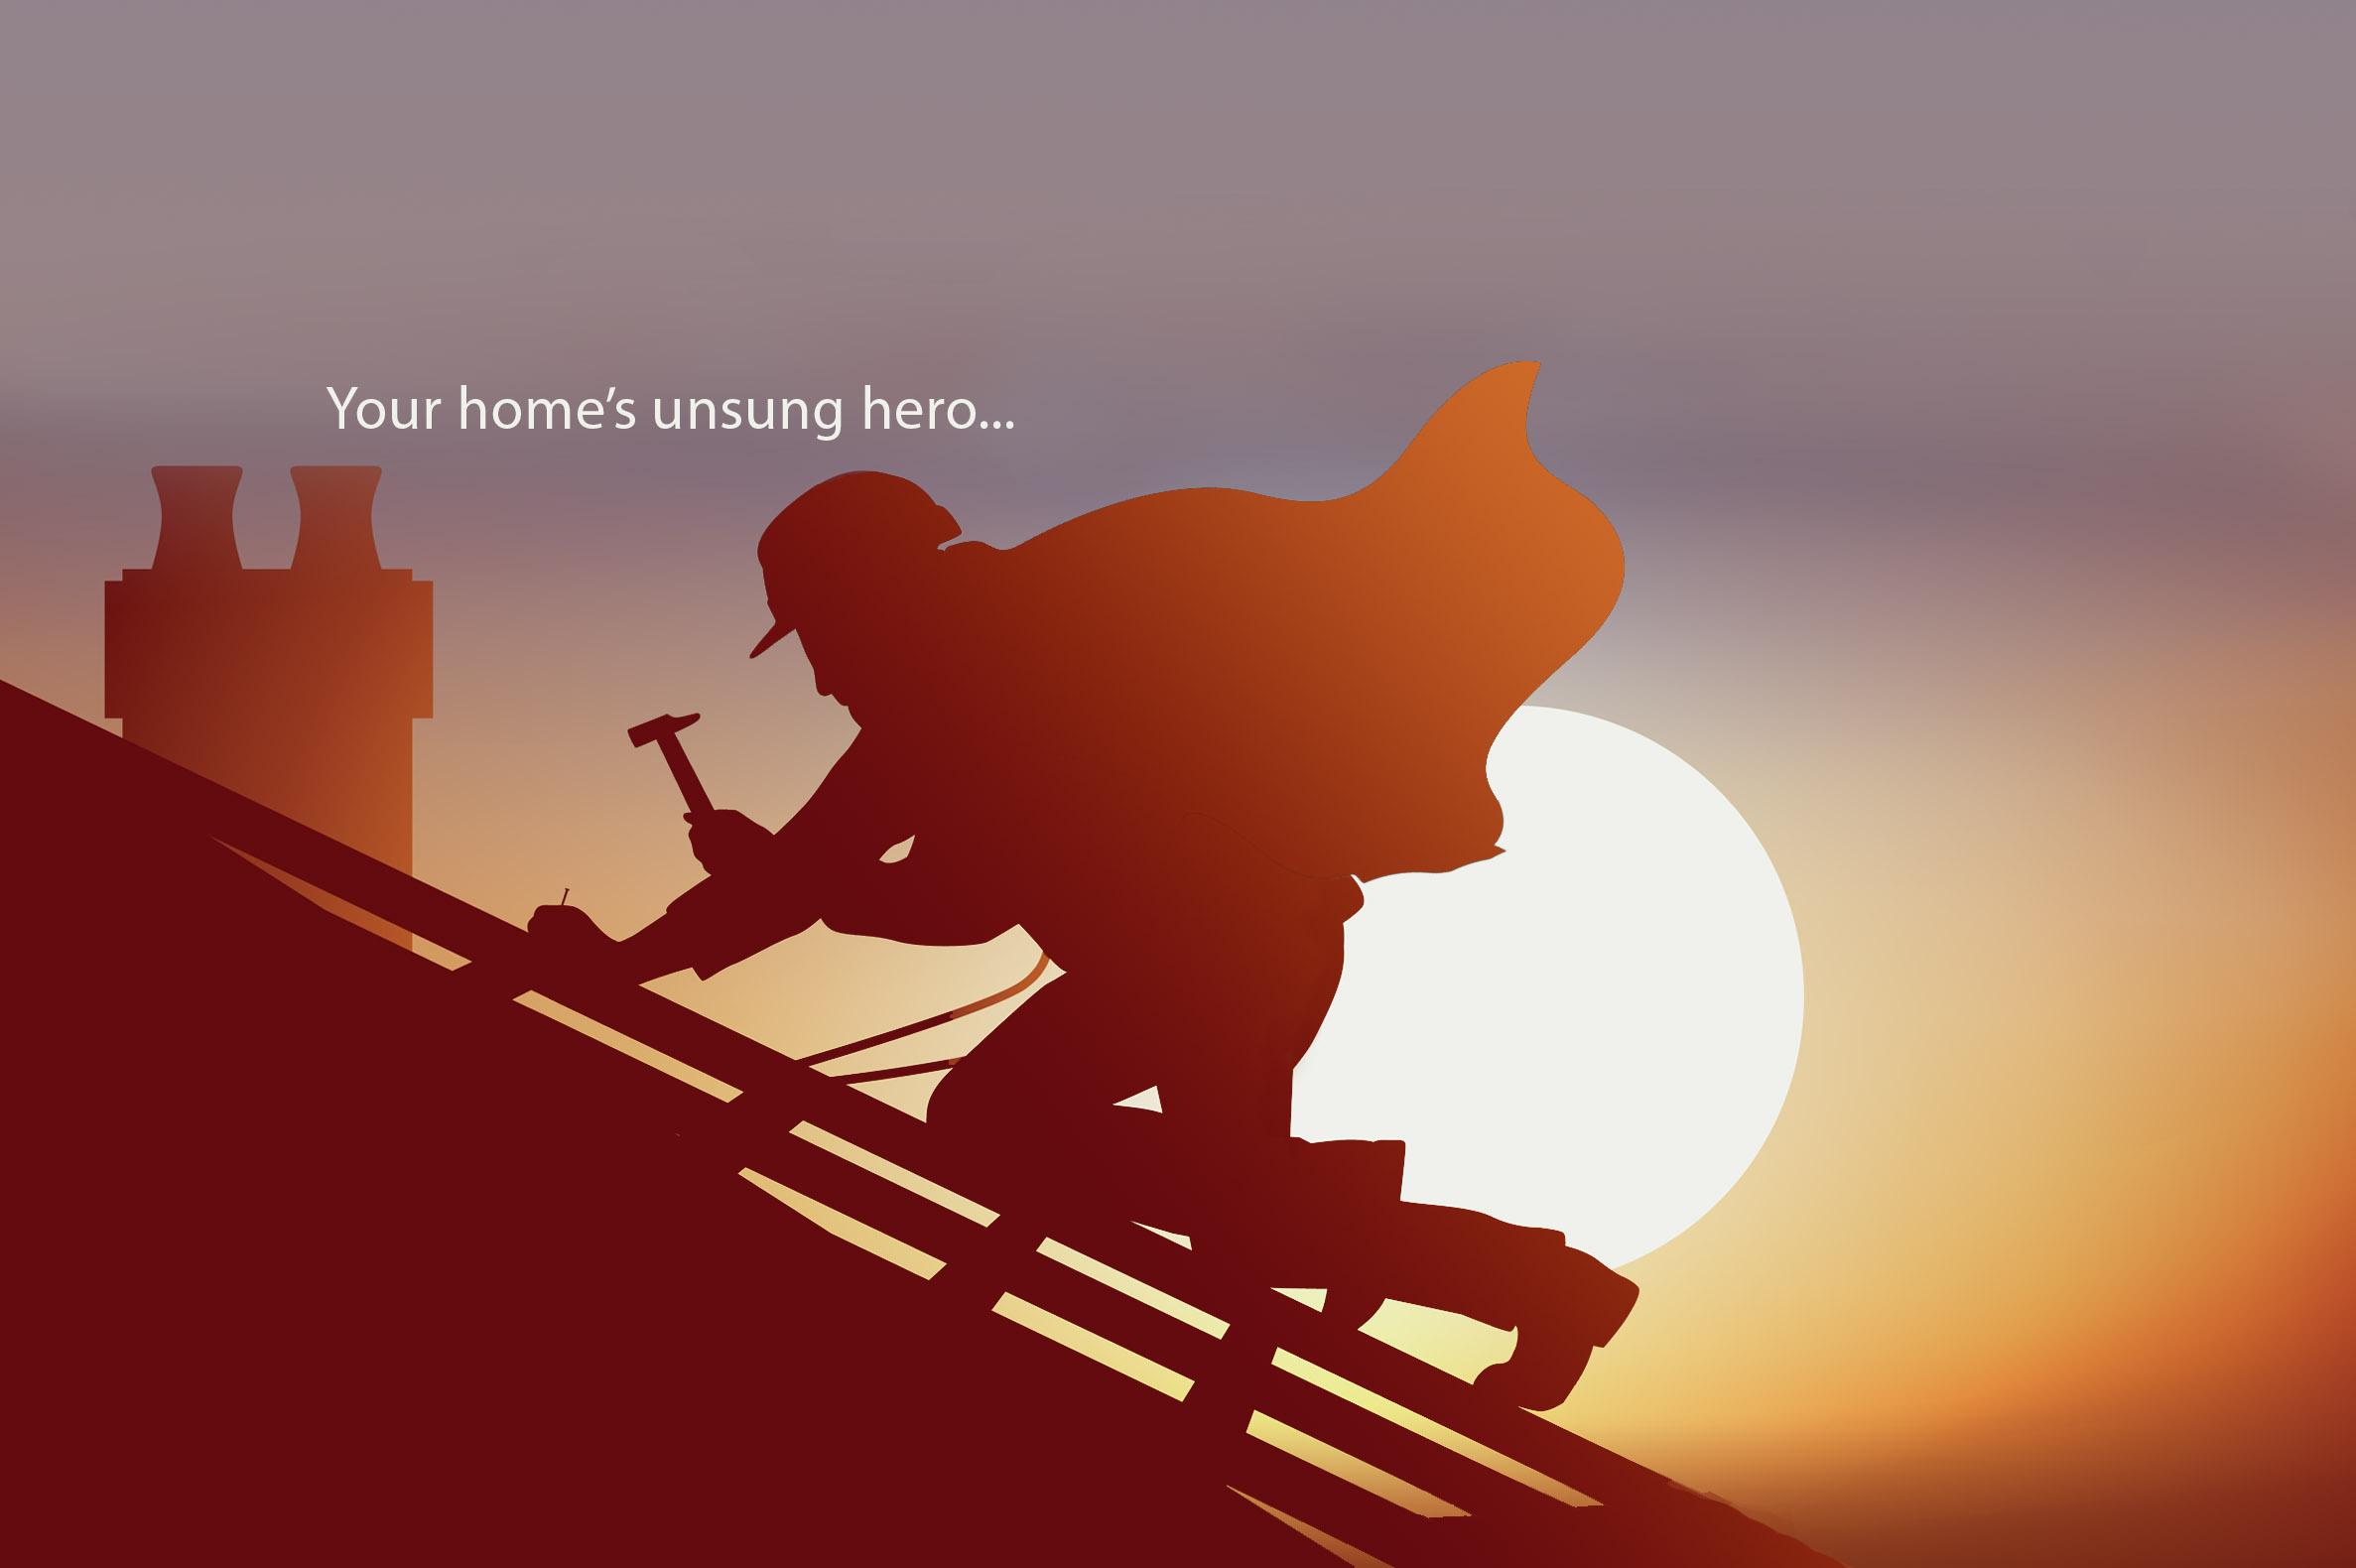 Roofing Hero